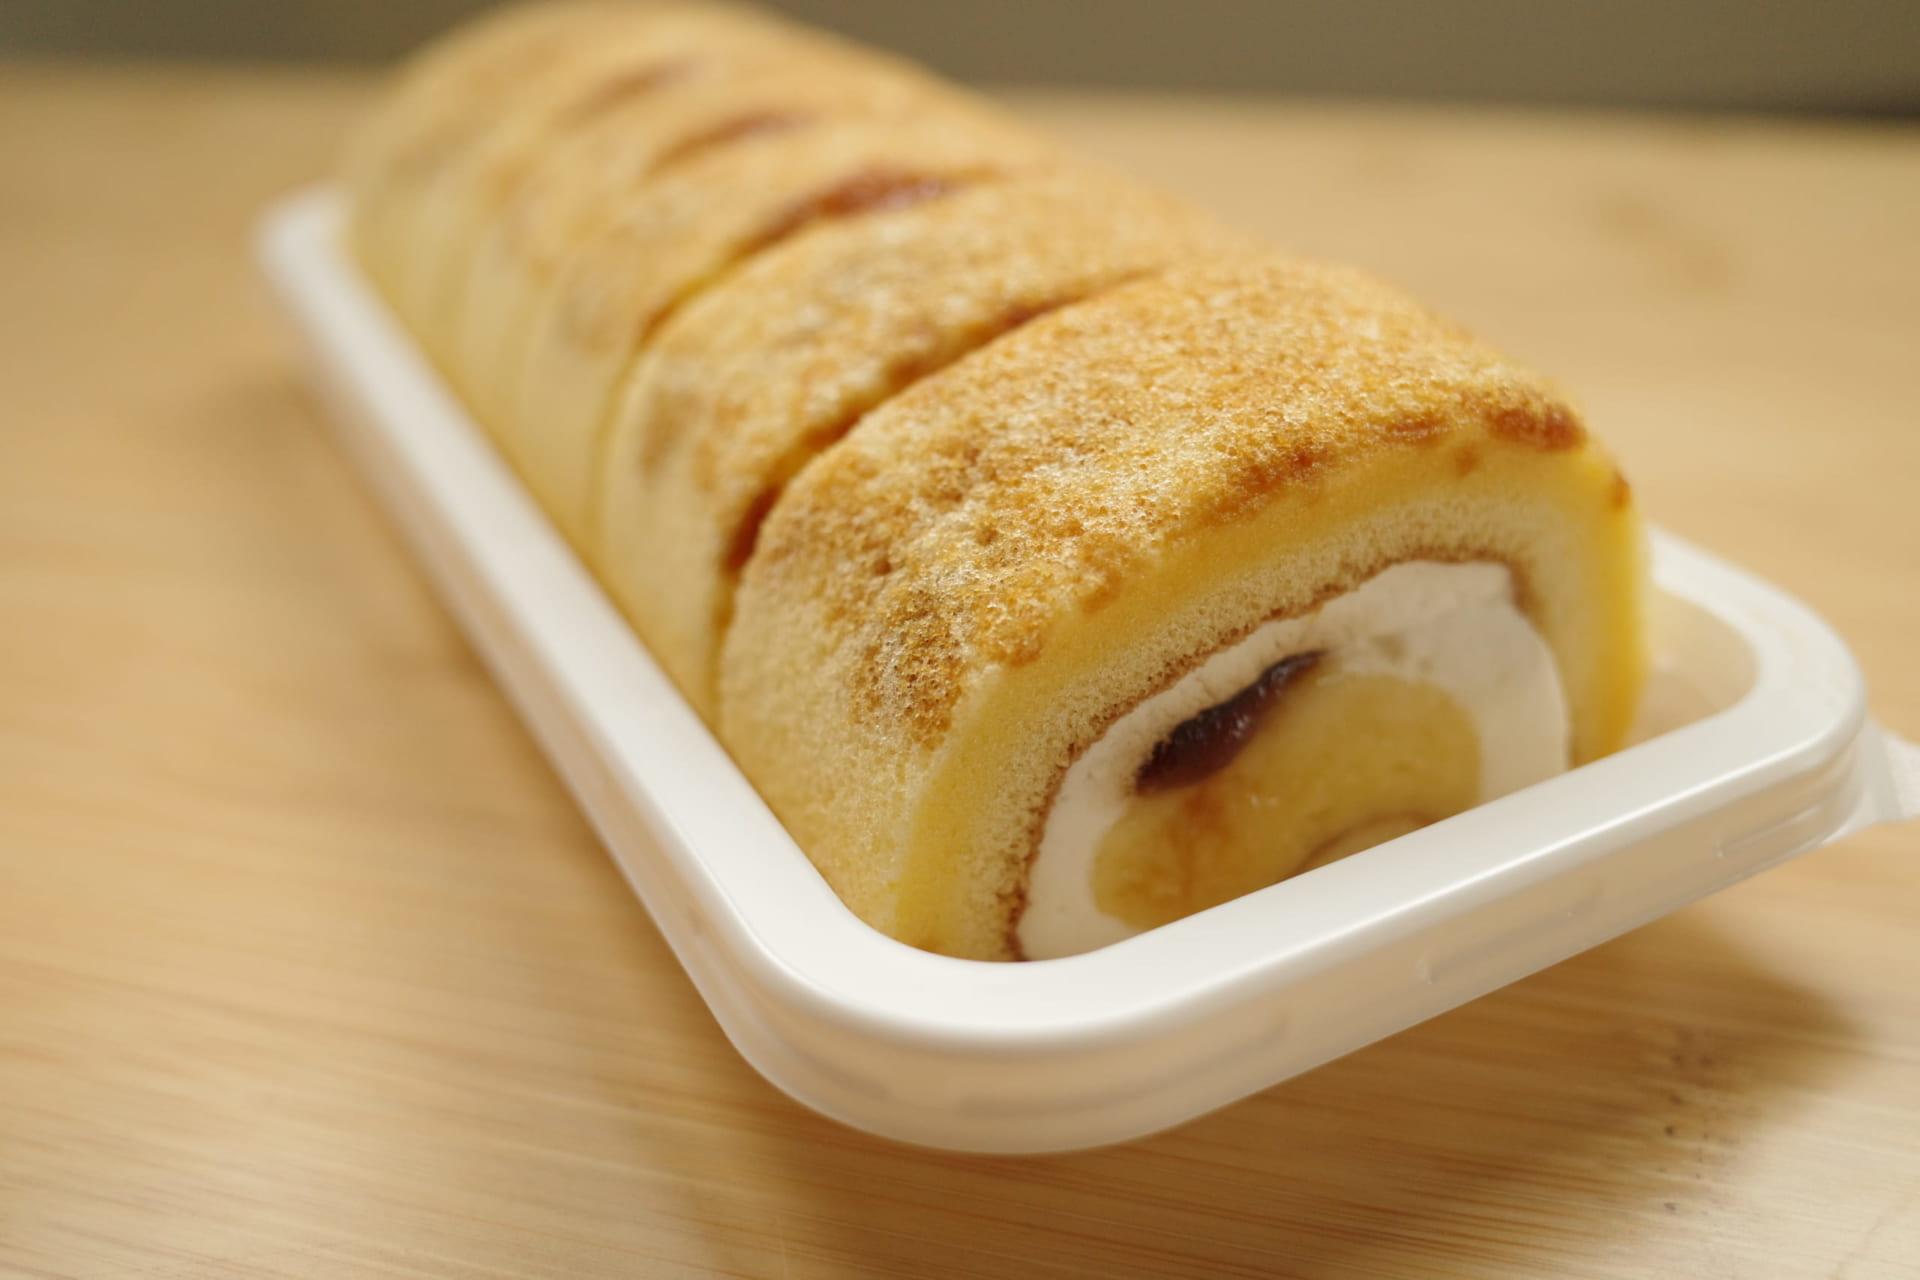 【ローソン新商品ルポ】口の中でリッチなプリンパフェになる!?「プリンもち食感ロール」